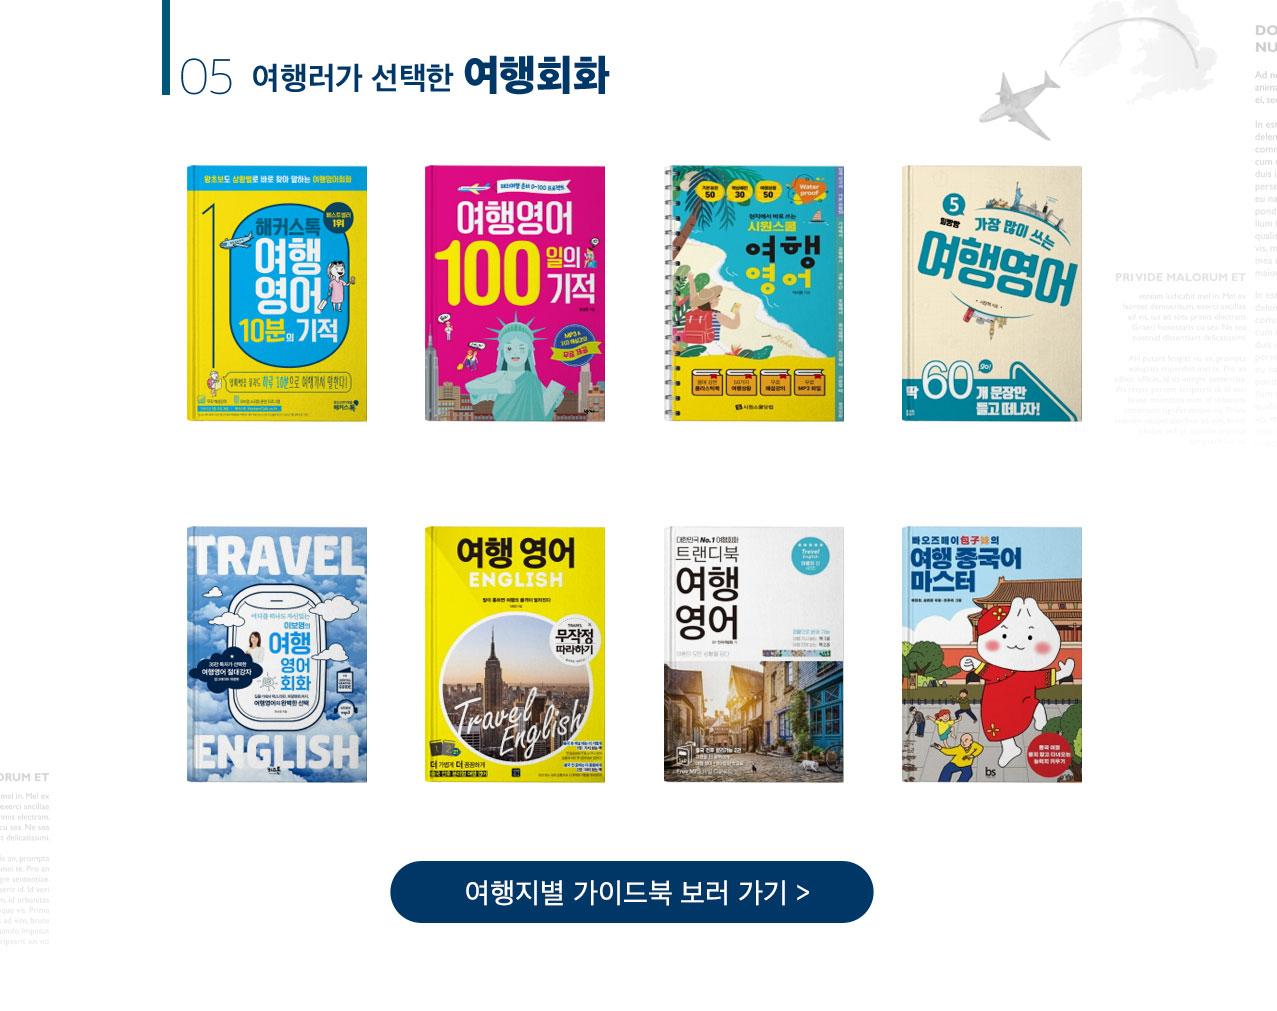 05 여행러가 선택한 여행회화